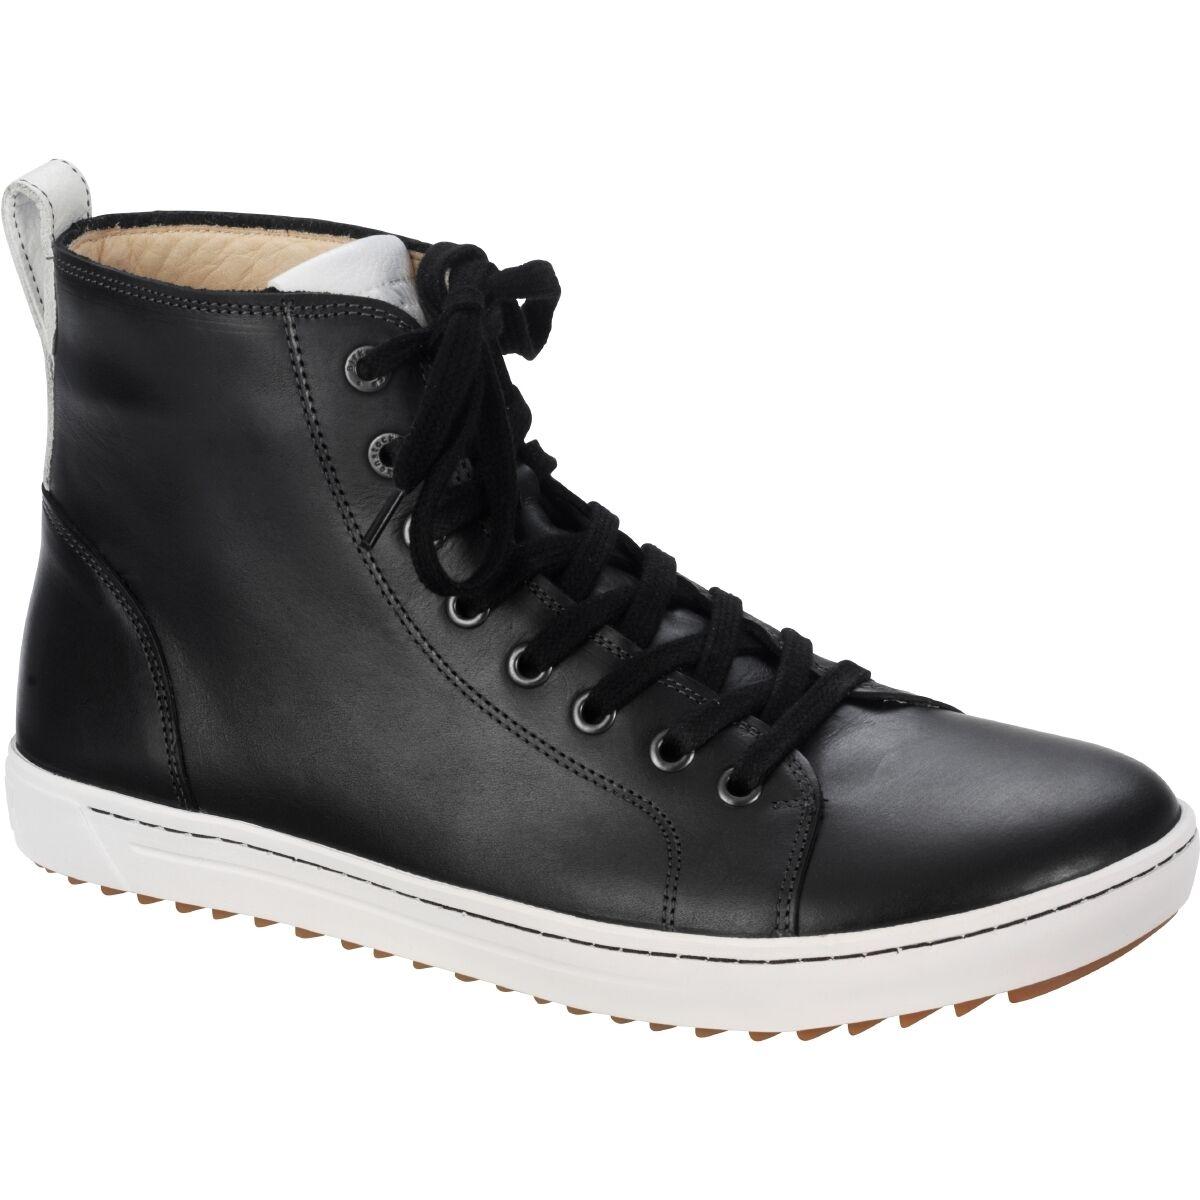 Birkenstock in Bartlett Men Natura Scarpe in Birkenstock Pelle High Top Sneaker 1004635 larghezza normale 9fcaa4